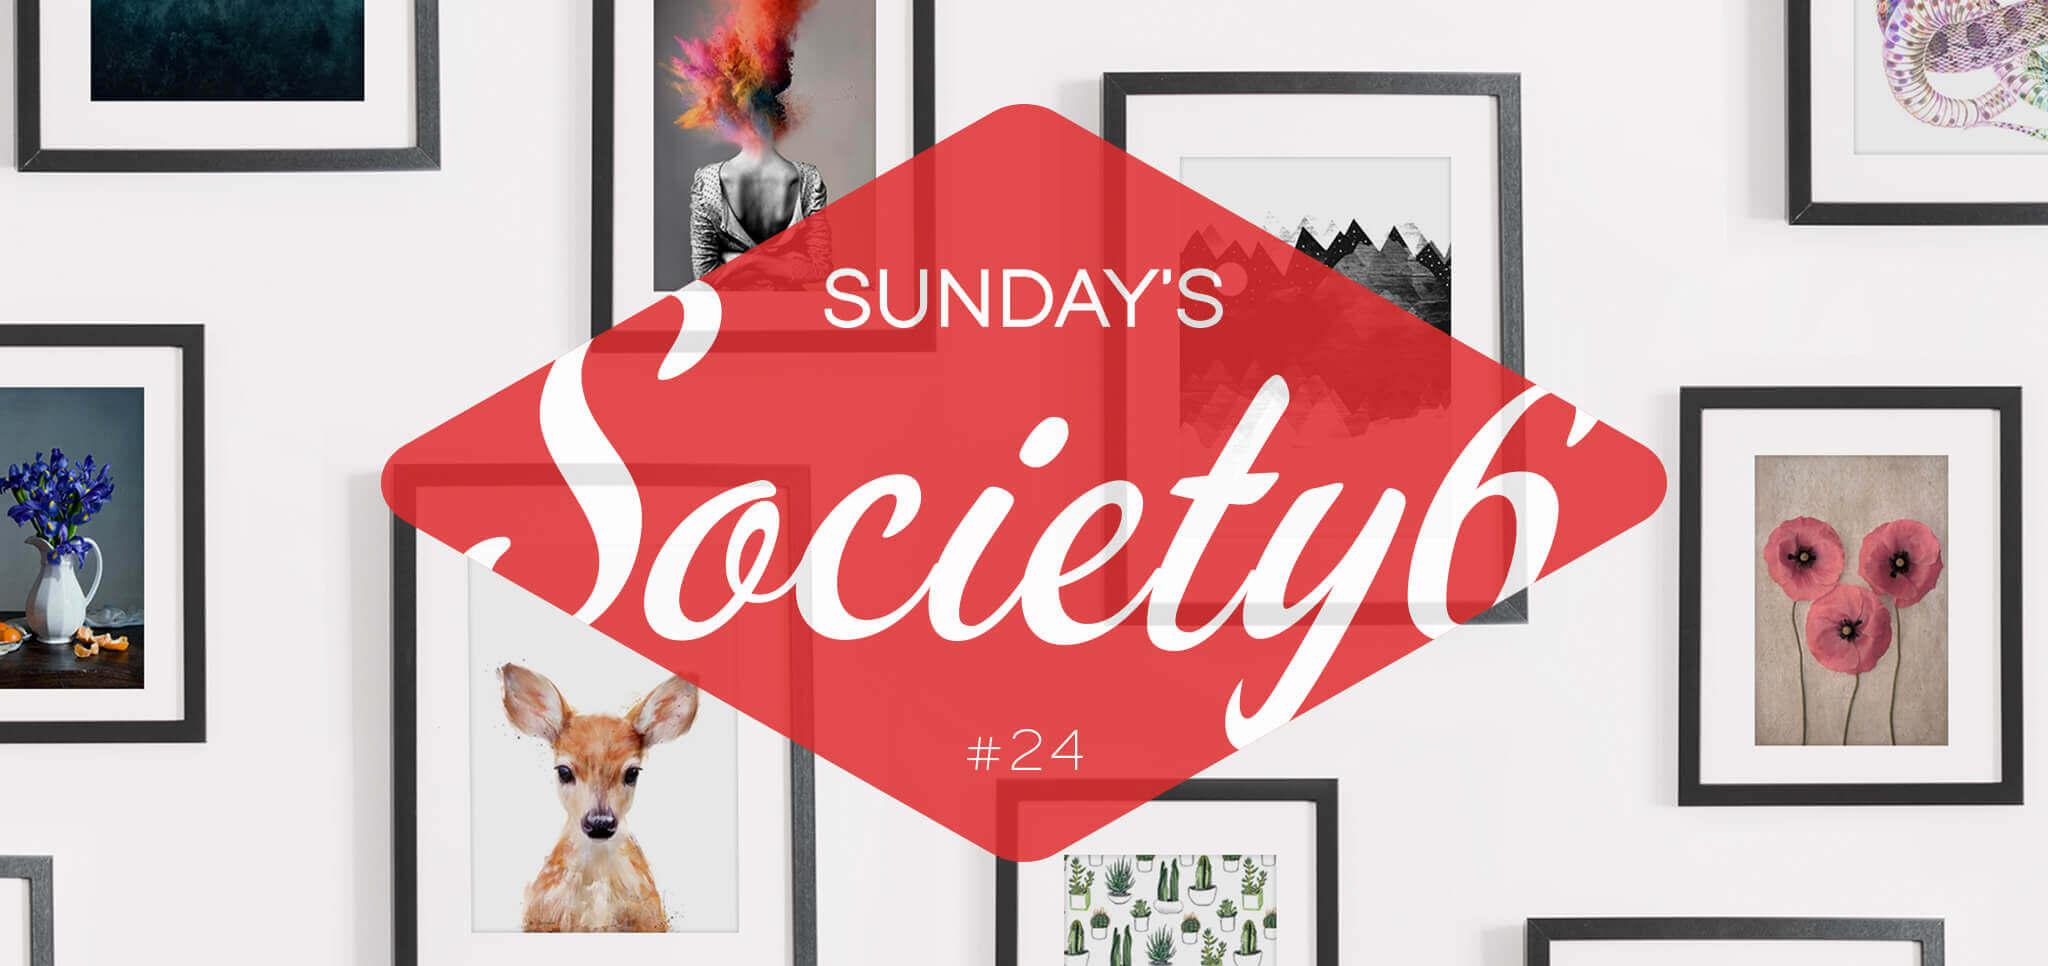 Sunday's Society6 – #24